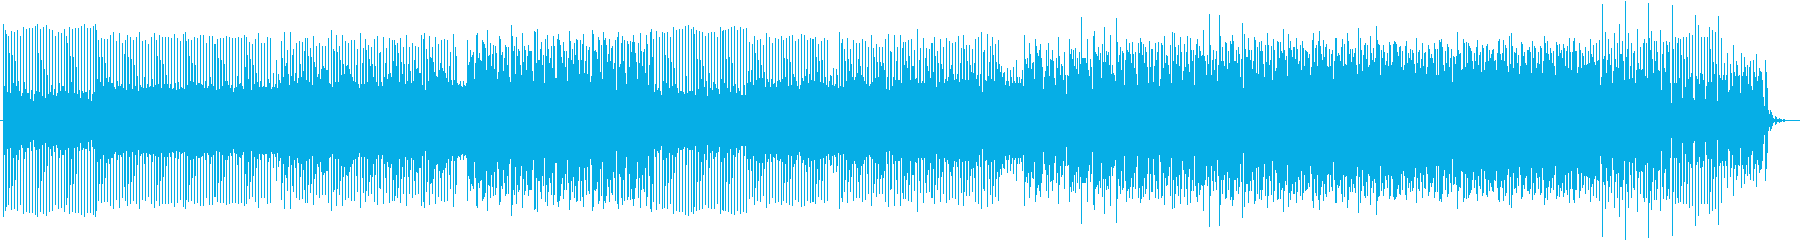 懐かしいファミコンのゲーム音を再現の再生済みの波形